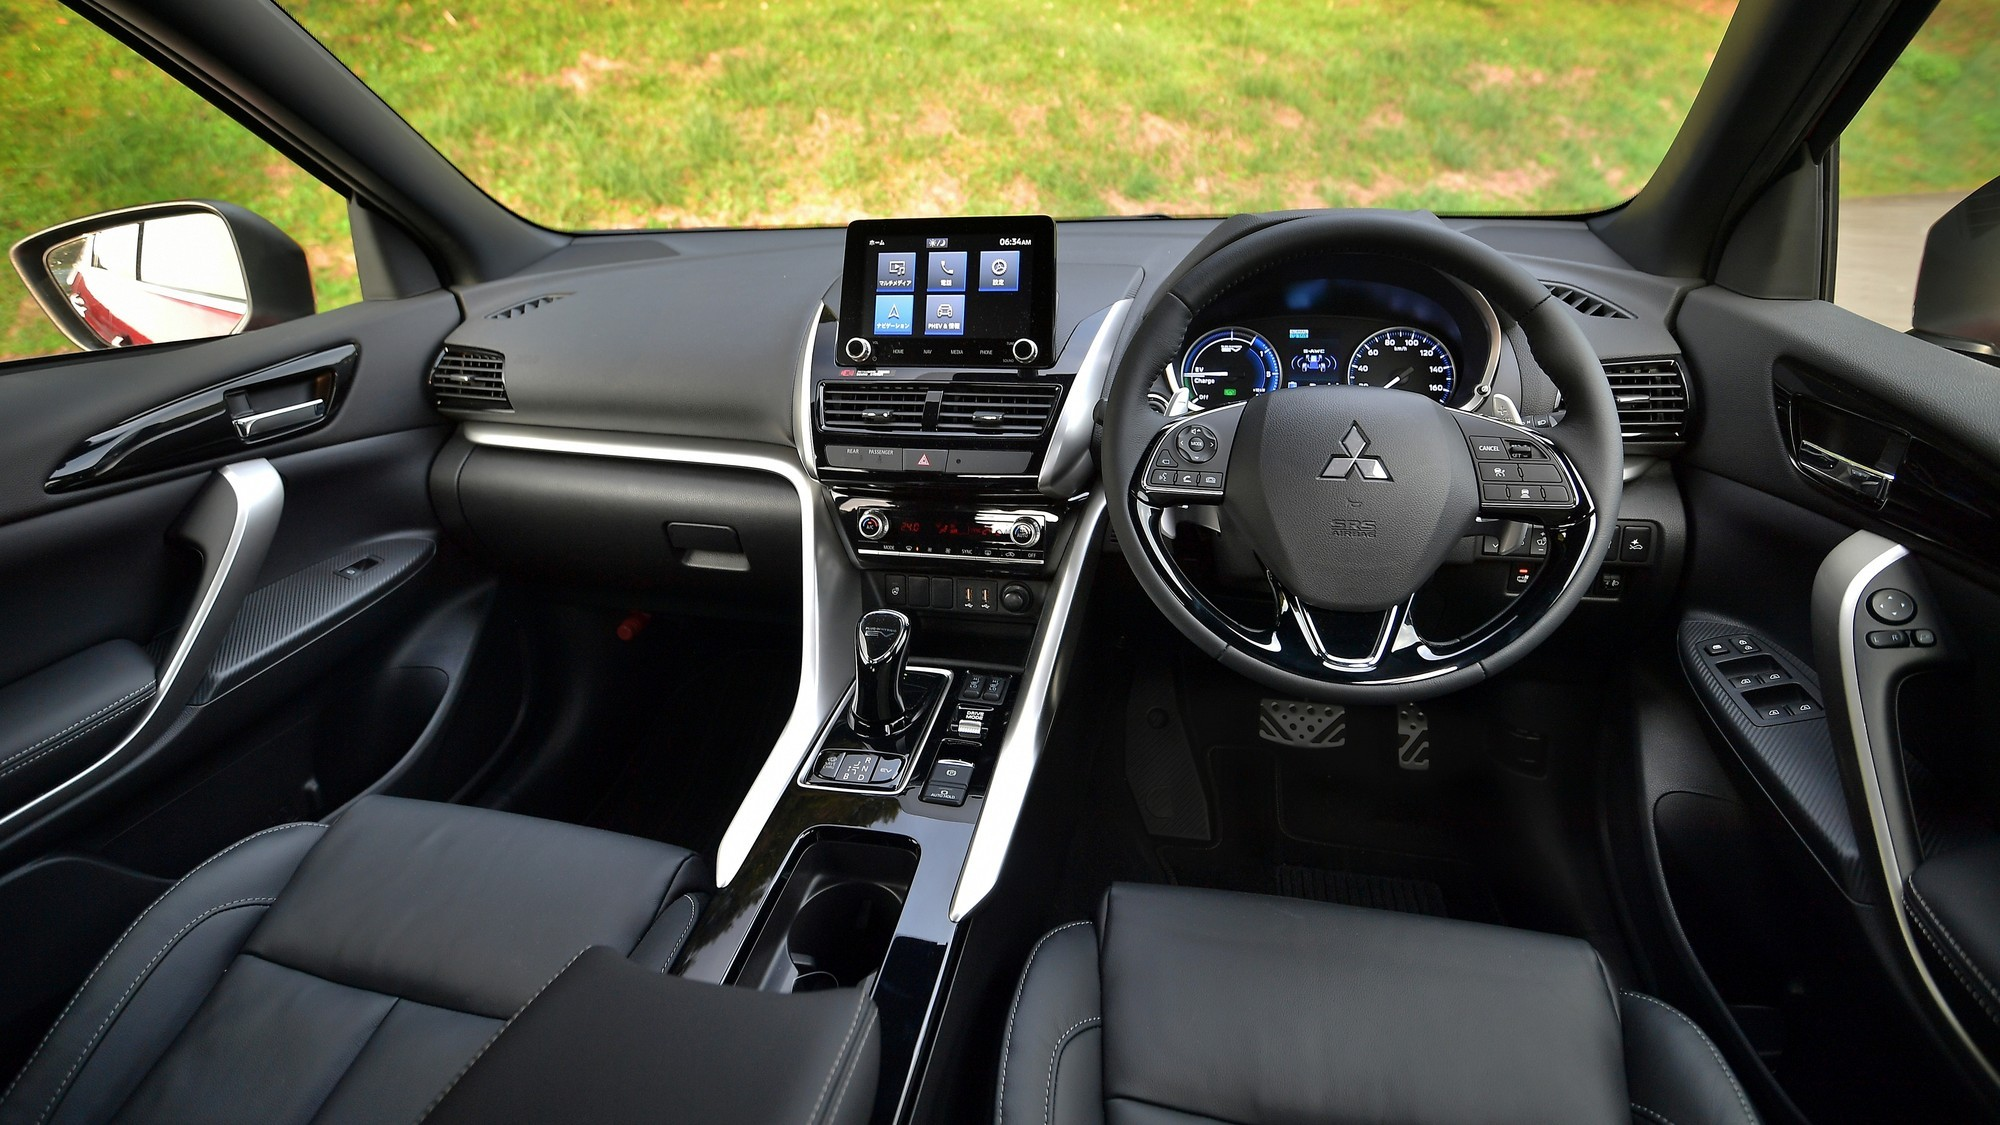 Обновлённый Mitsubishi Eclipse Cross: улучшенная управляемость и розеточная версия